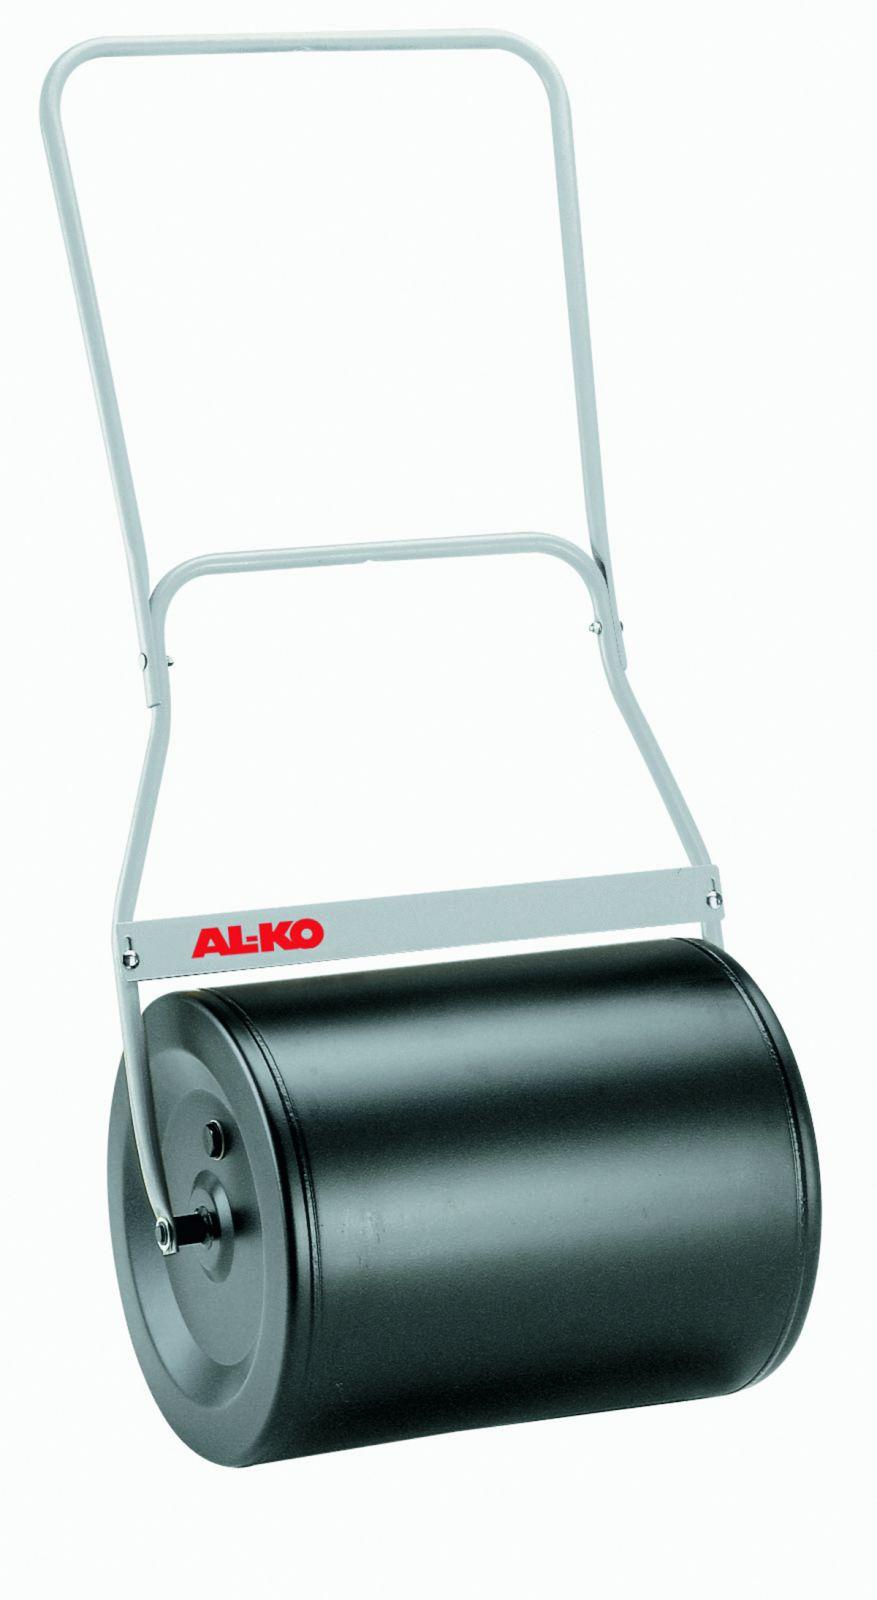 ����� Al-ko Gw 50